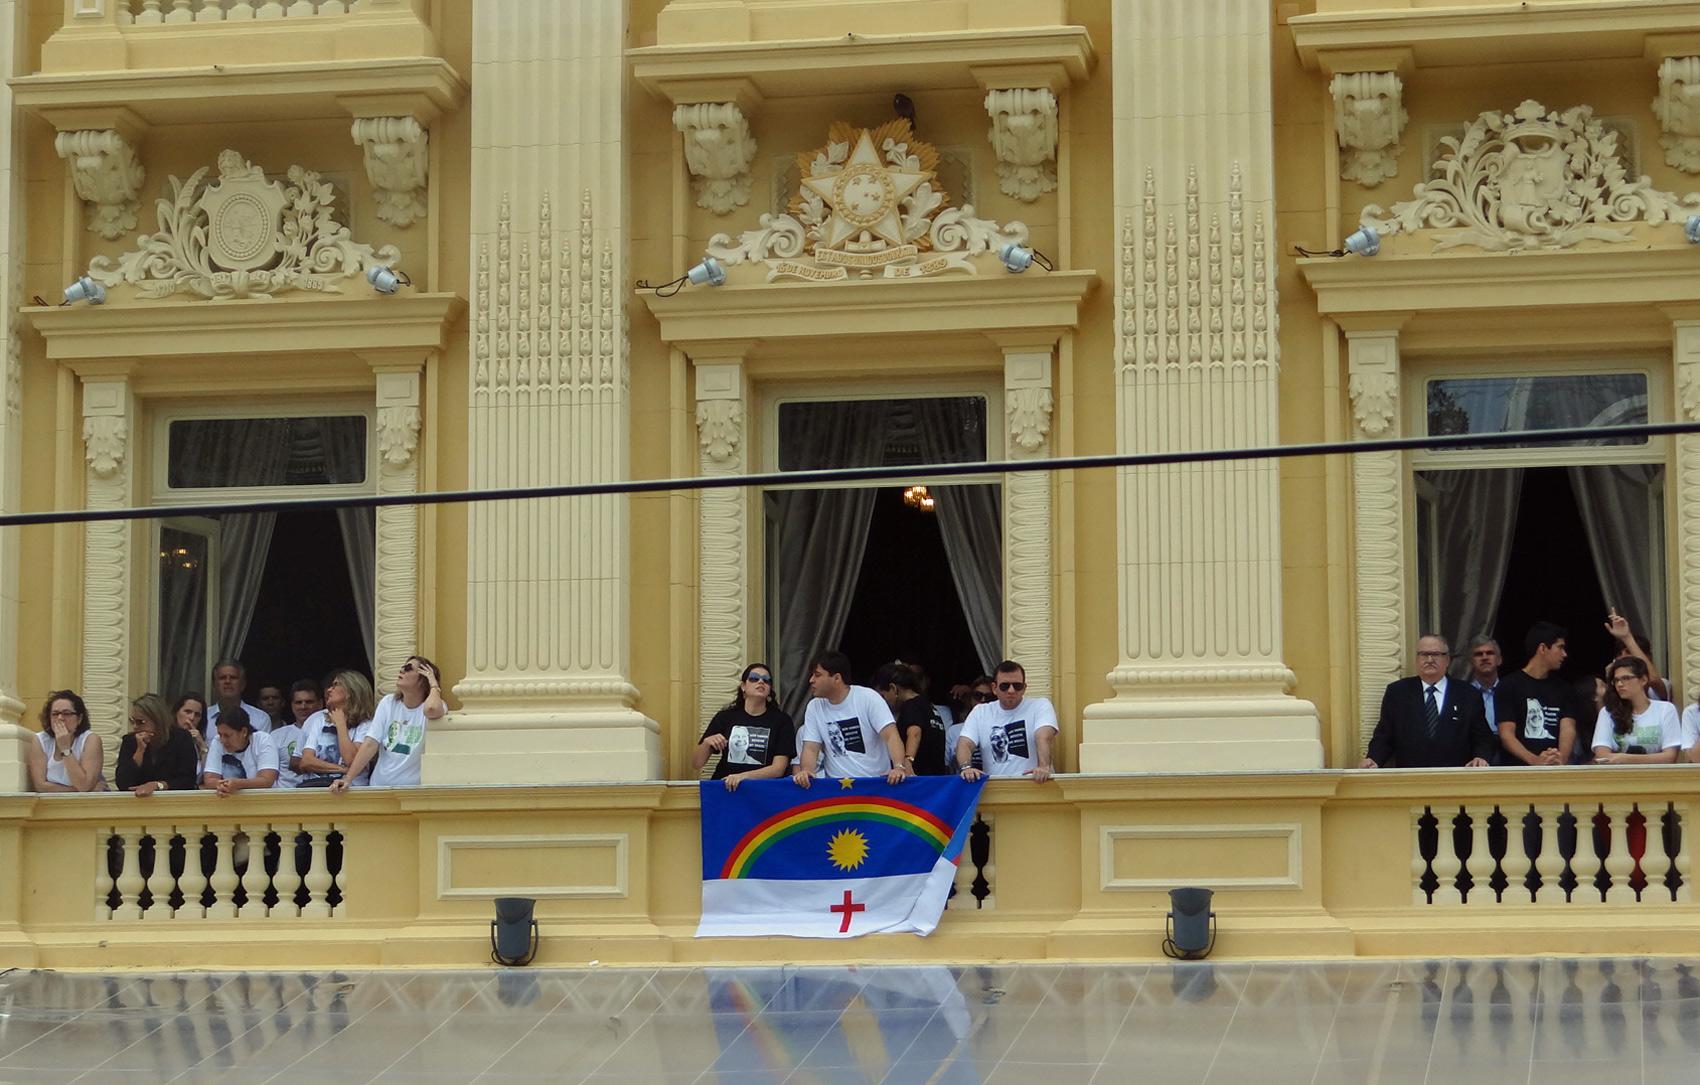 Algumas pessoas acompanharam a missa na sacada da sede do governo de Pernambuco